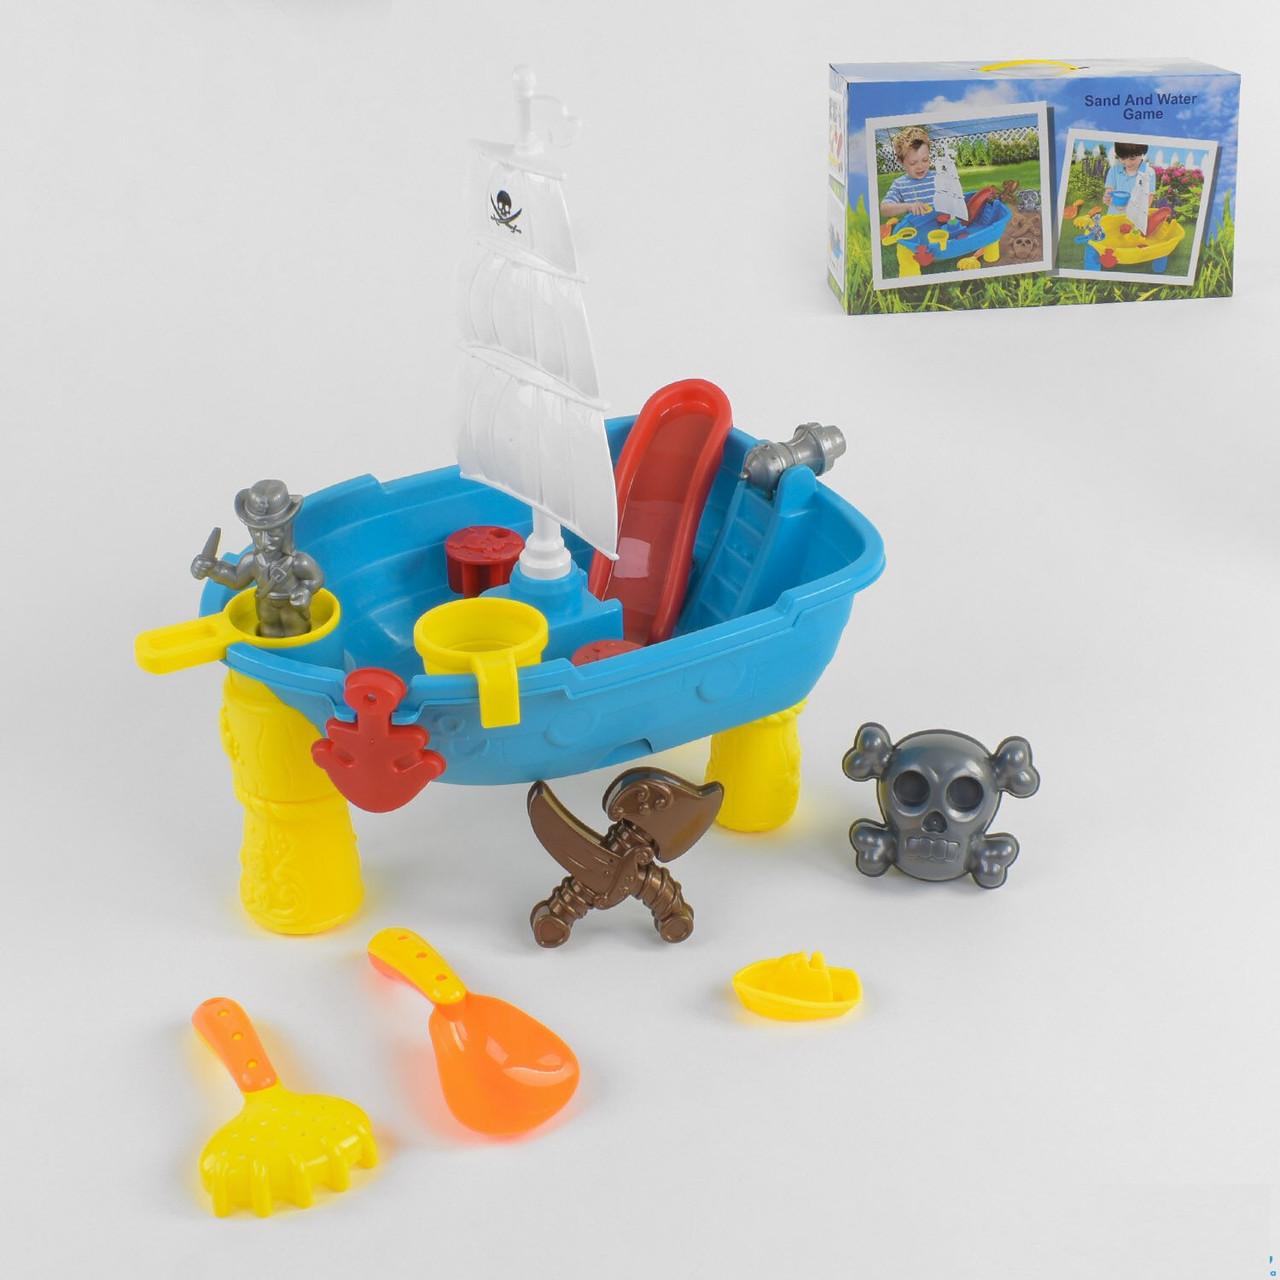 Ігровий набір 939 B столик для піску і води Корабель